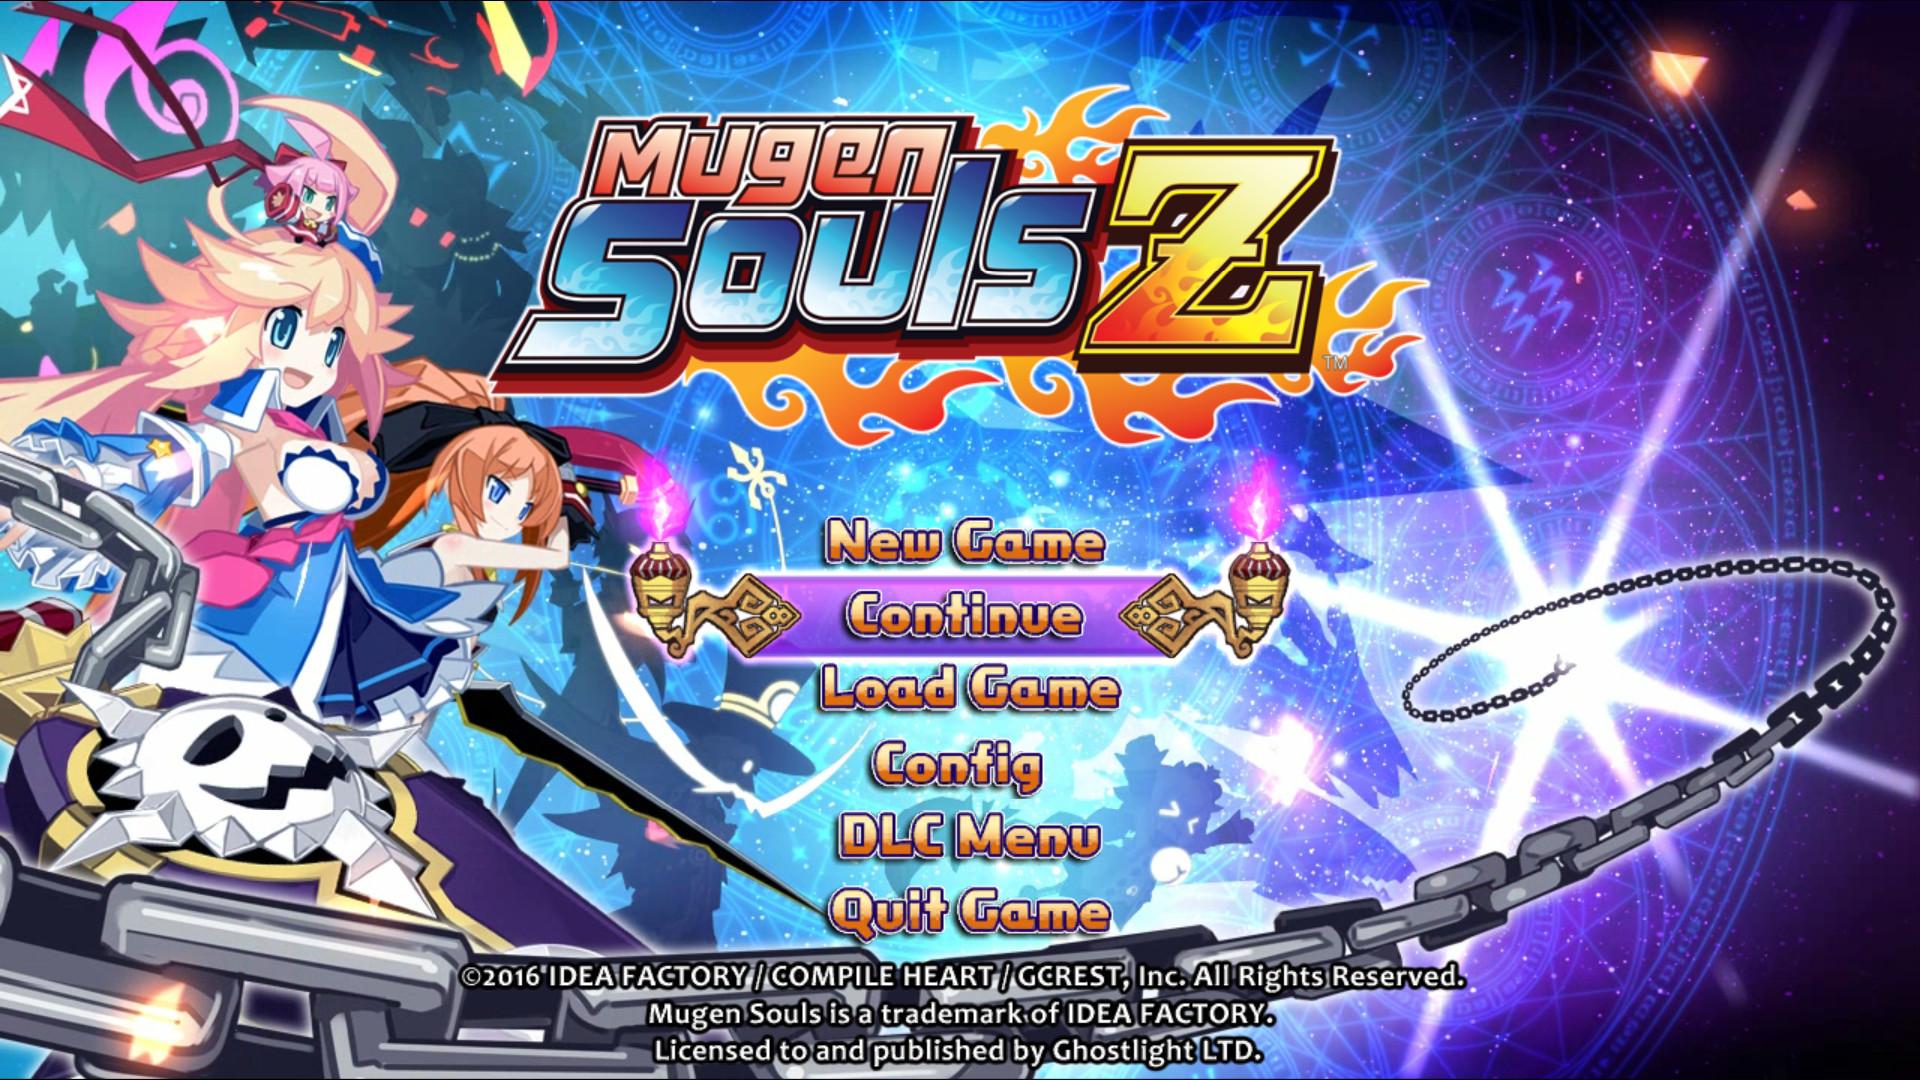 Mugen Souls Z - Overwhelming G Up Fever Bundle screenshot